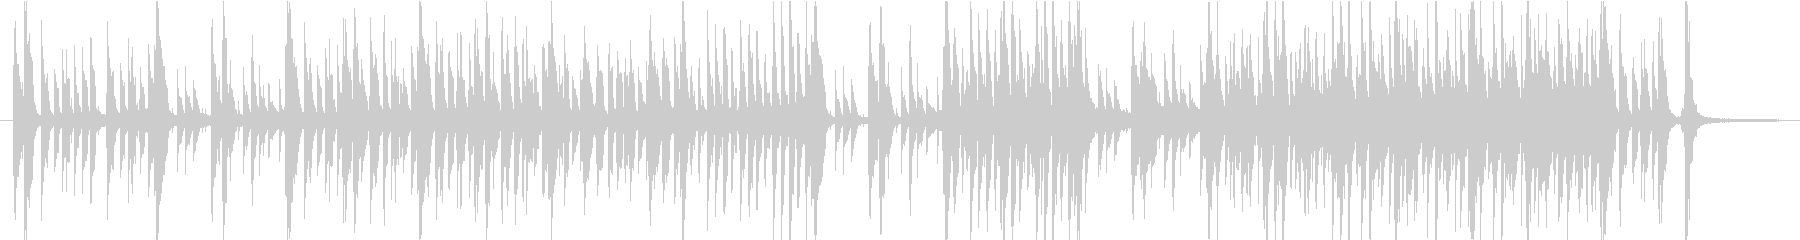 モーションアニメのためのジャジーなポップの未再生の波形